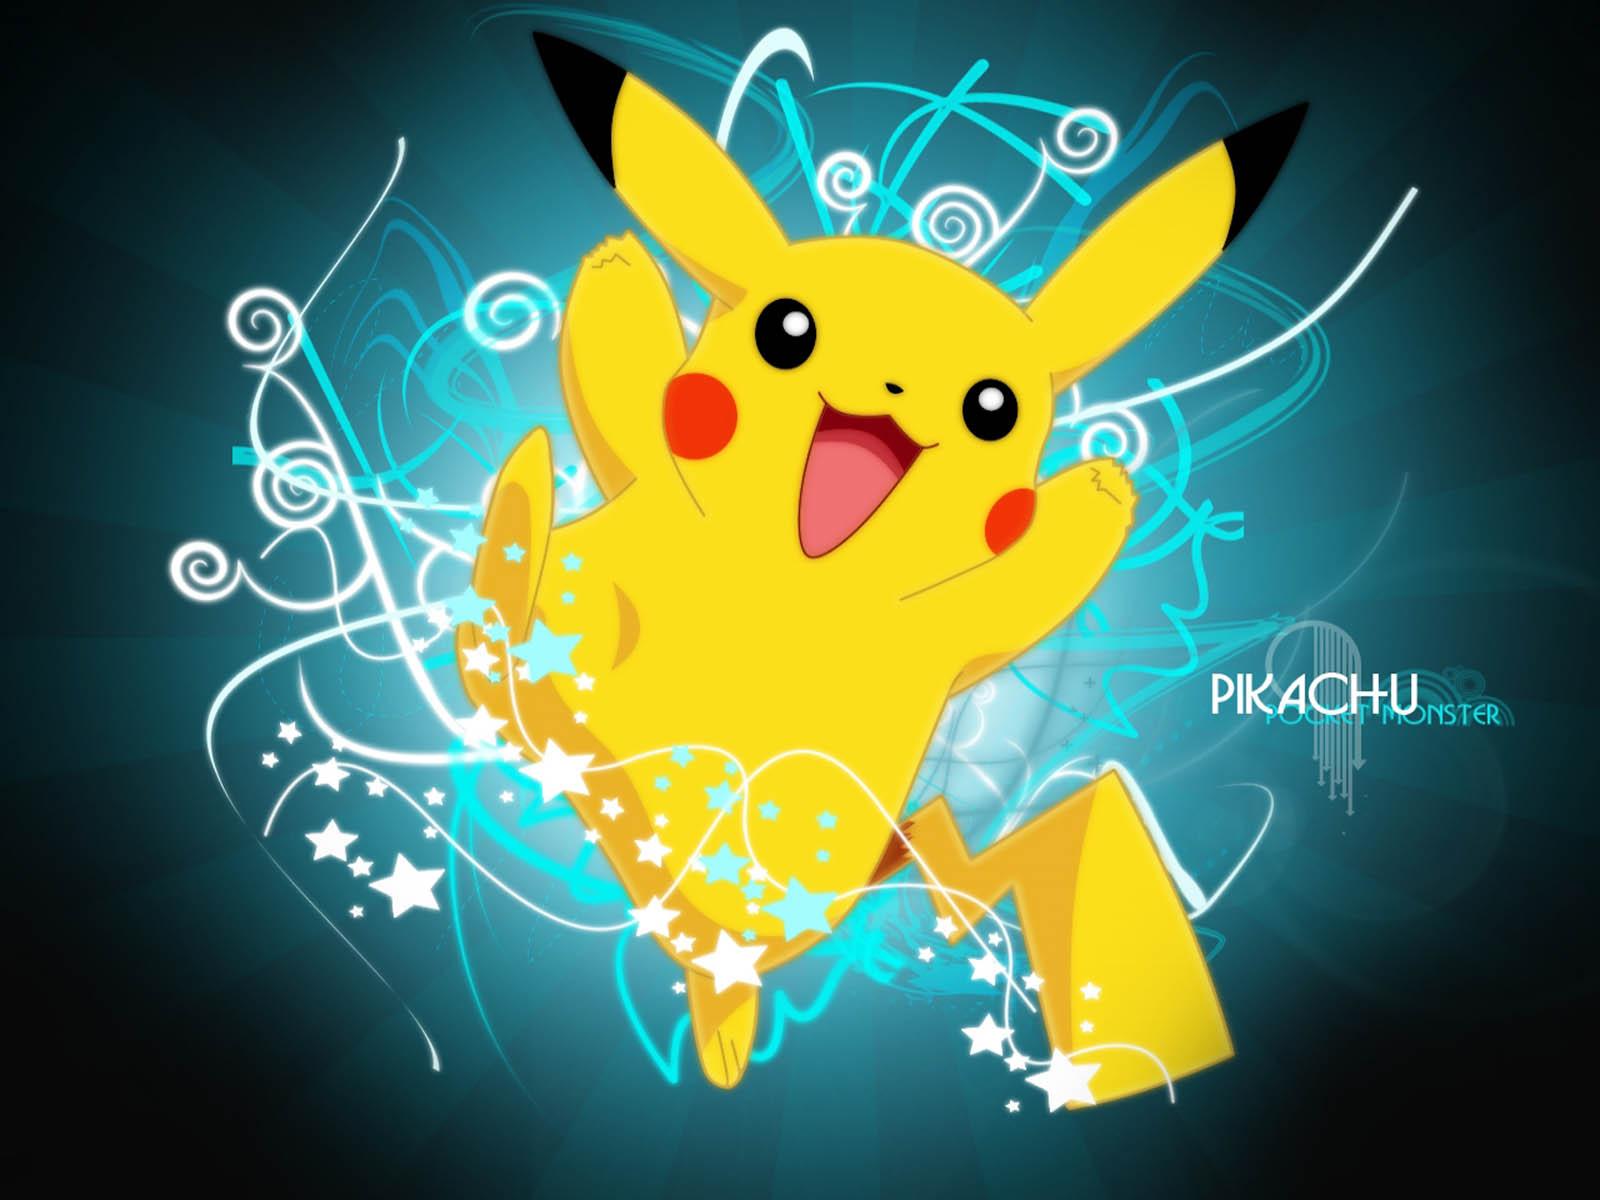 wallpapers: Pikachu Pokemon